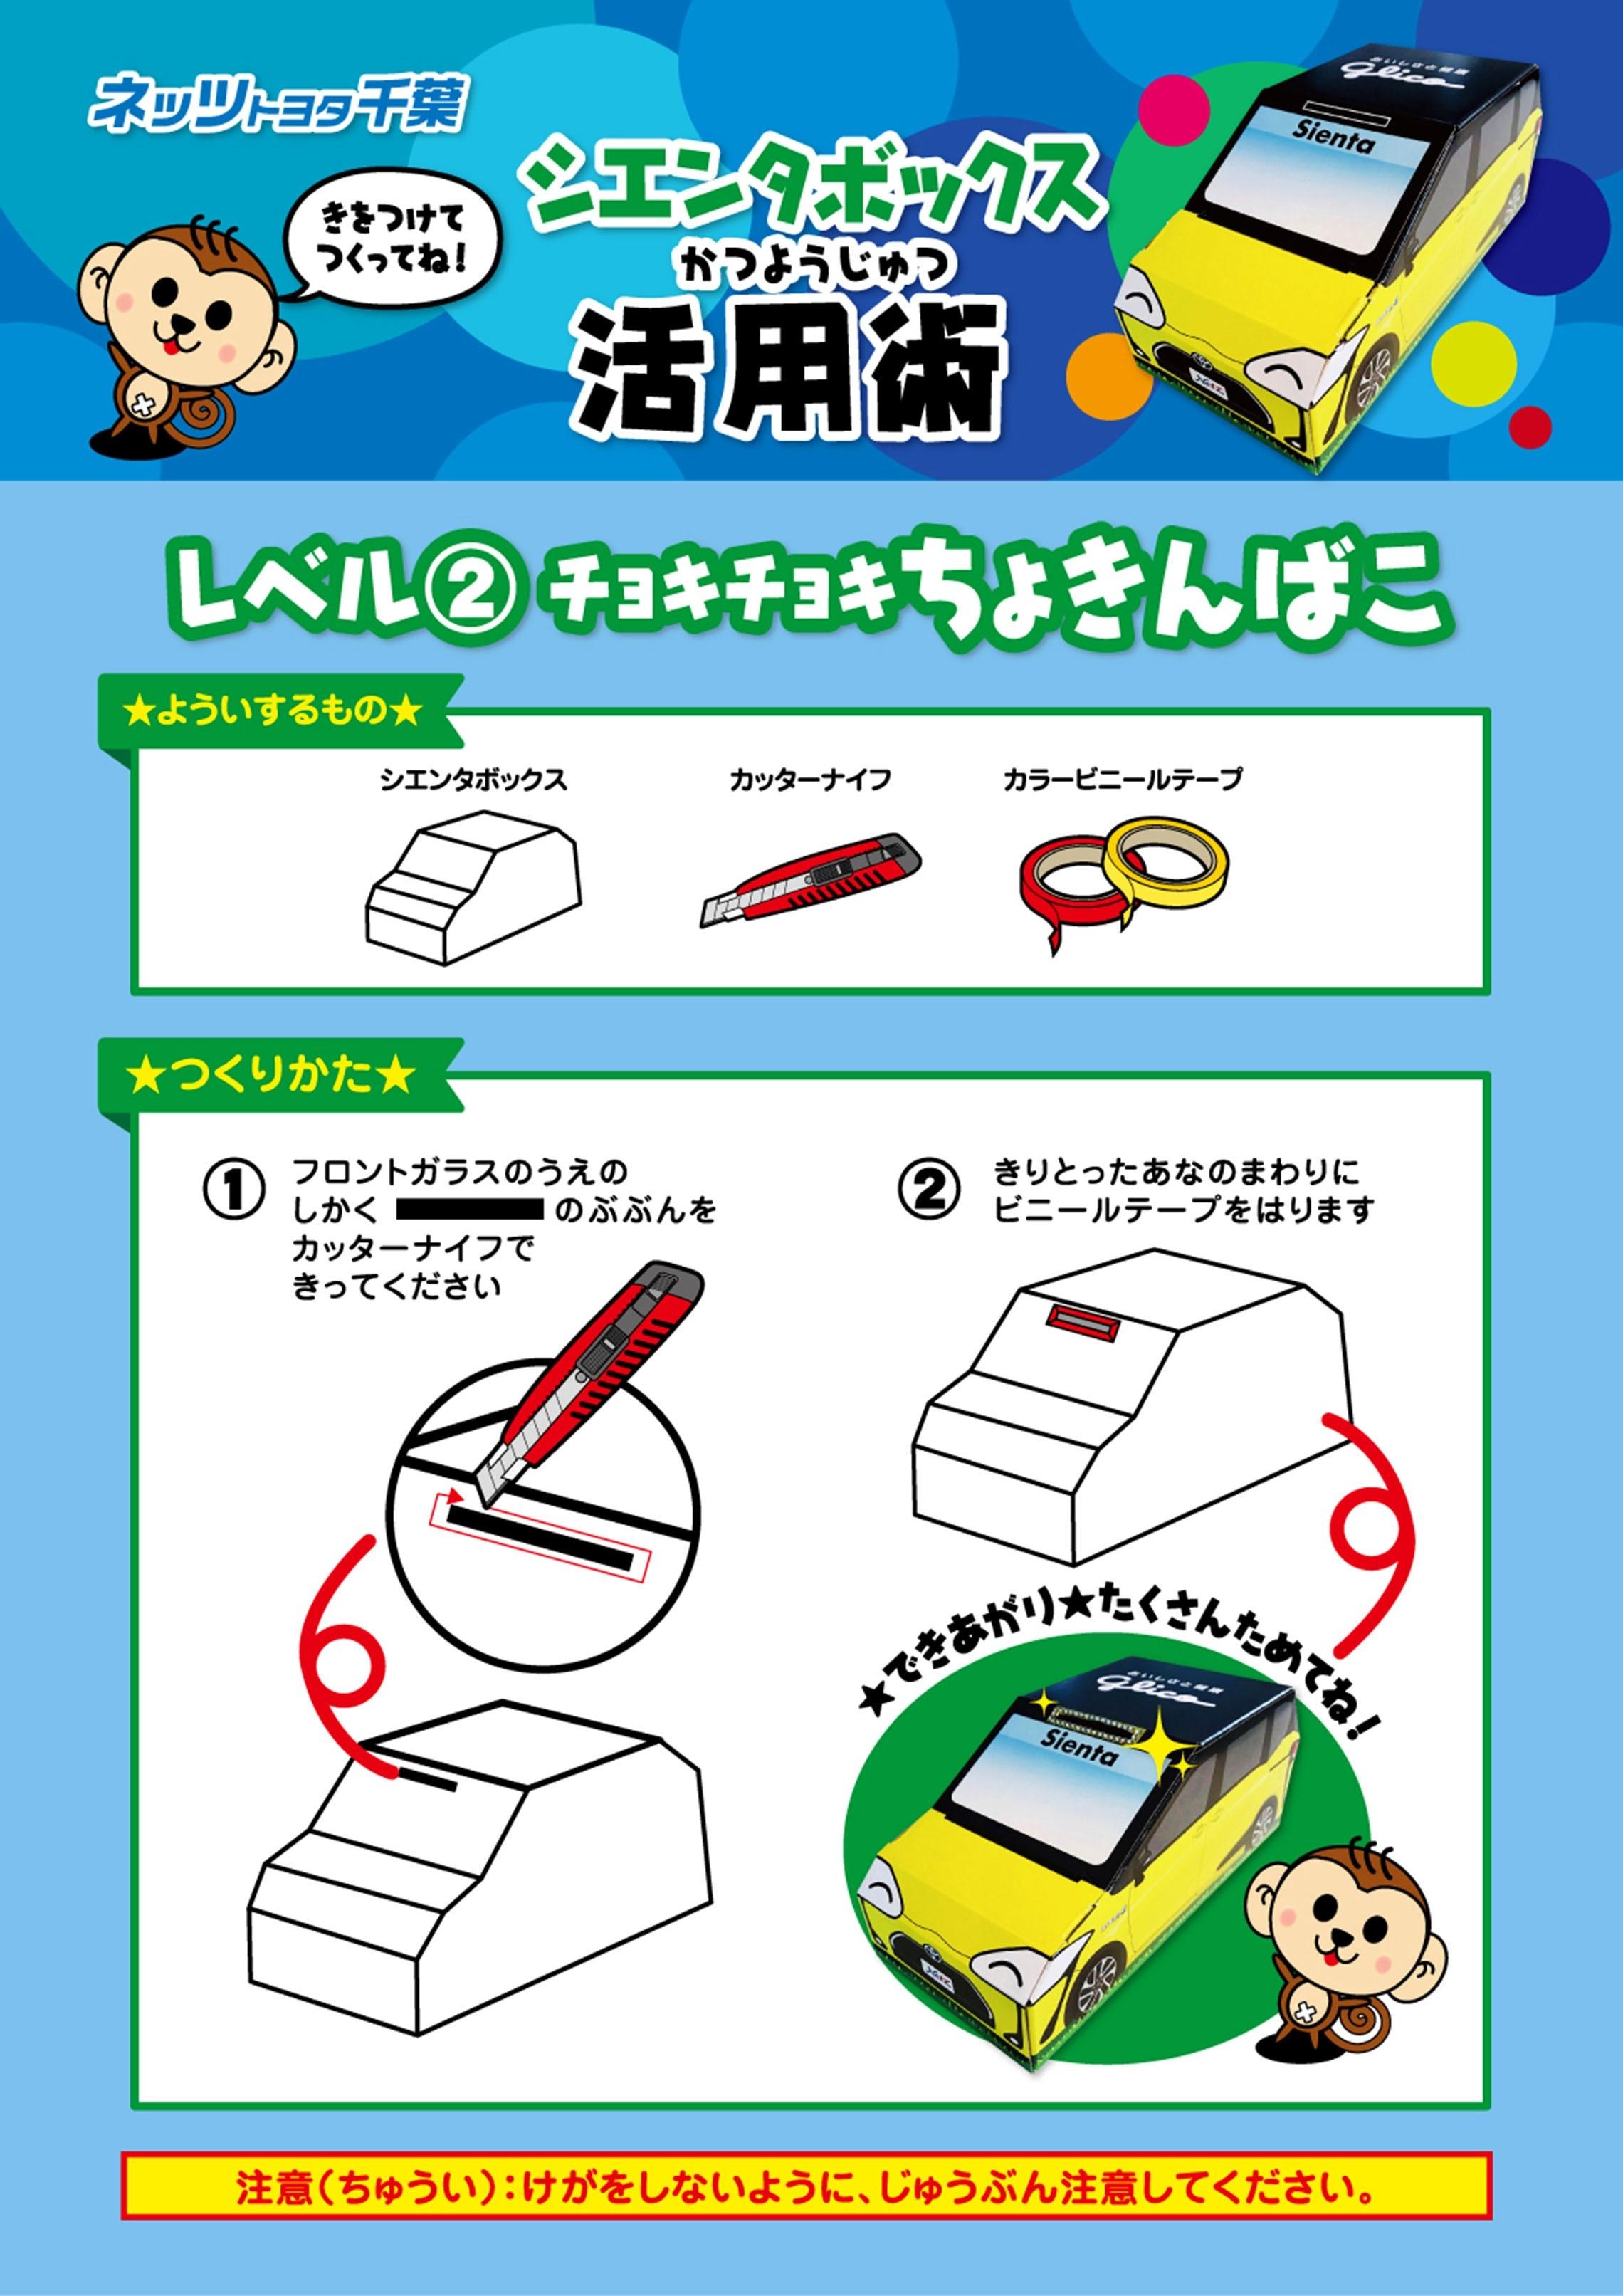 新春ぬりえお菓子box活用術②チョキチョキちょきんばこ ネッツトヨタ千葉